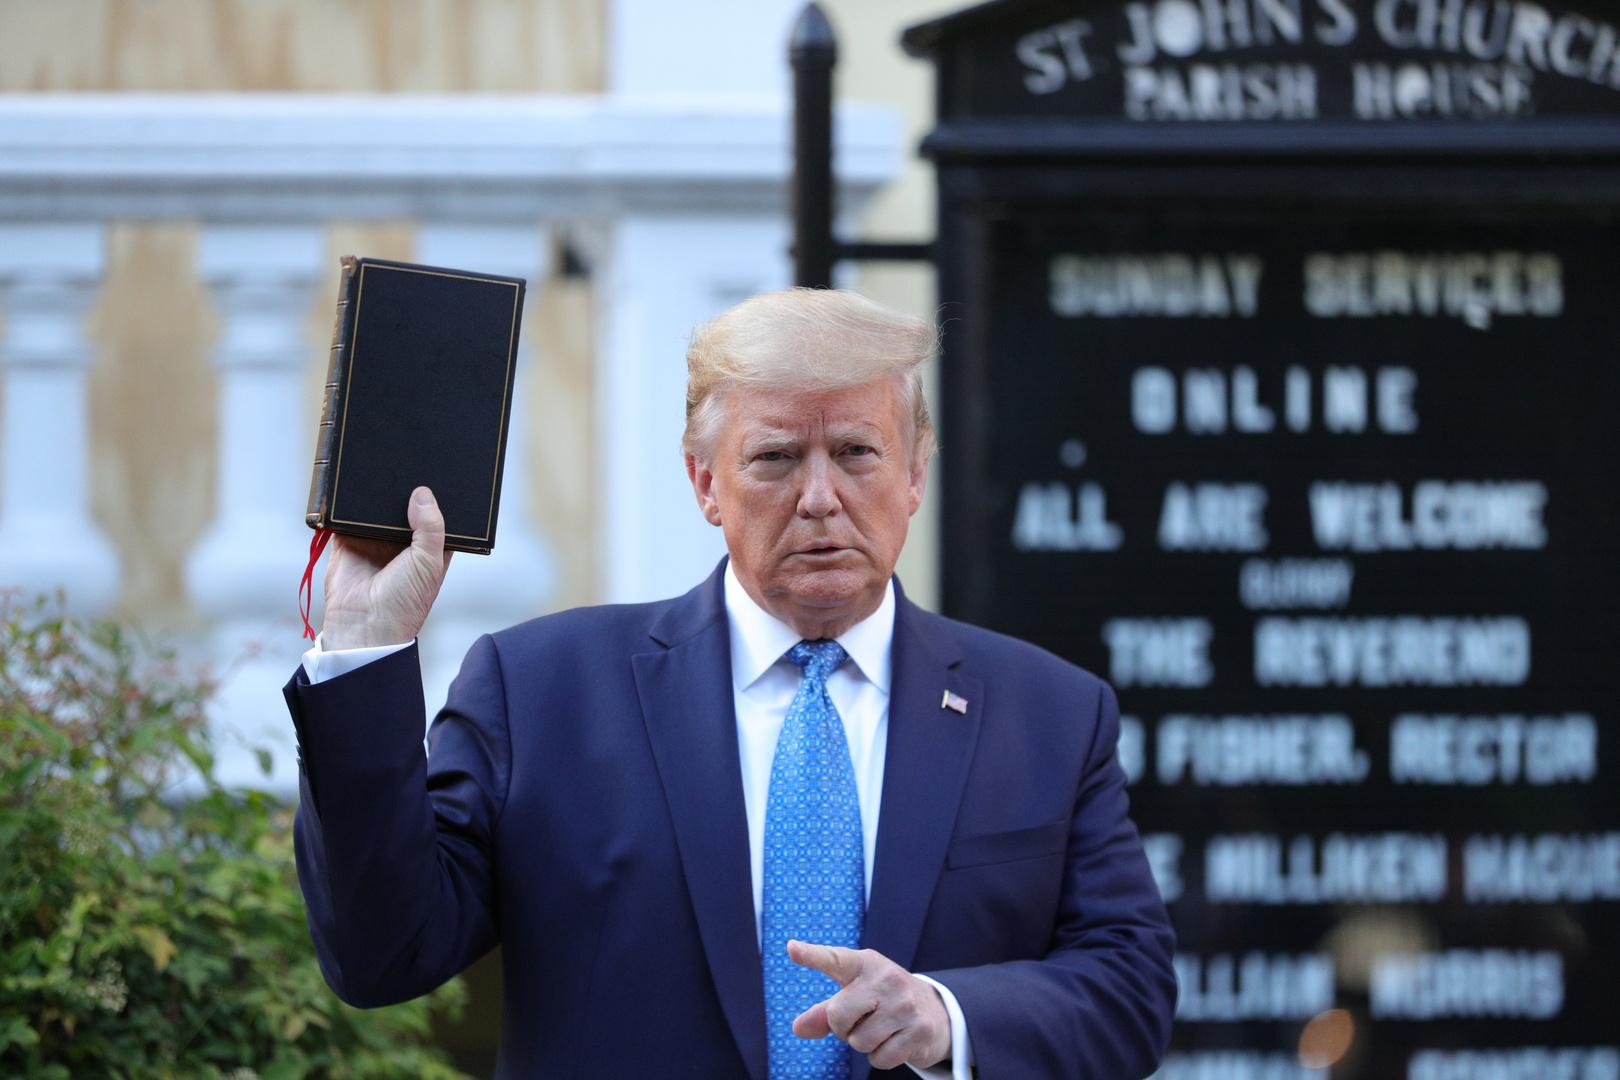 الرئيس الأمريكي، دونالد ترامب، يمسك الكتاب المقدس أمام كنيسة القديس يوحنا الأسقفية قرب البيت الأبيض (واشنطن، 1 يونيو 2020).